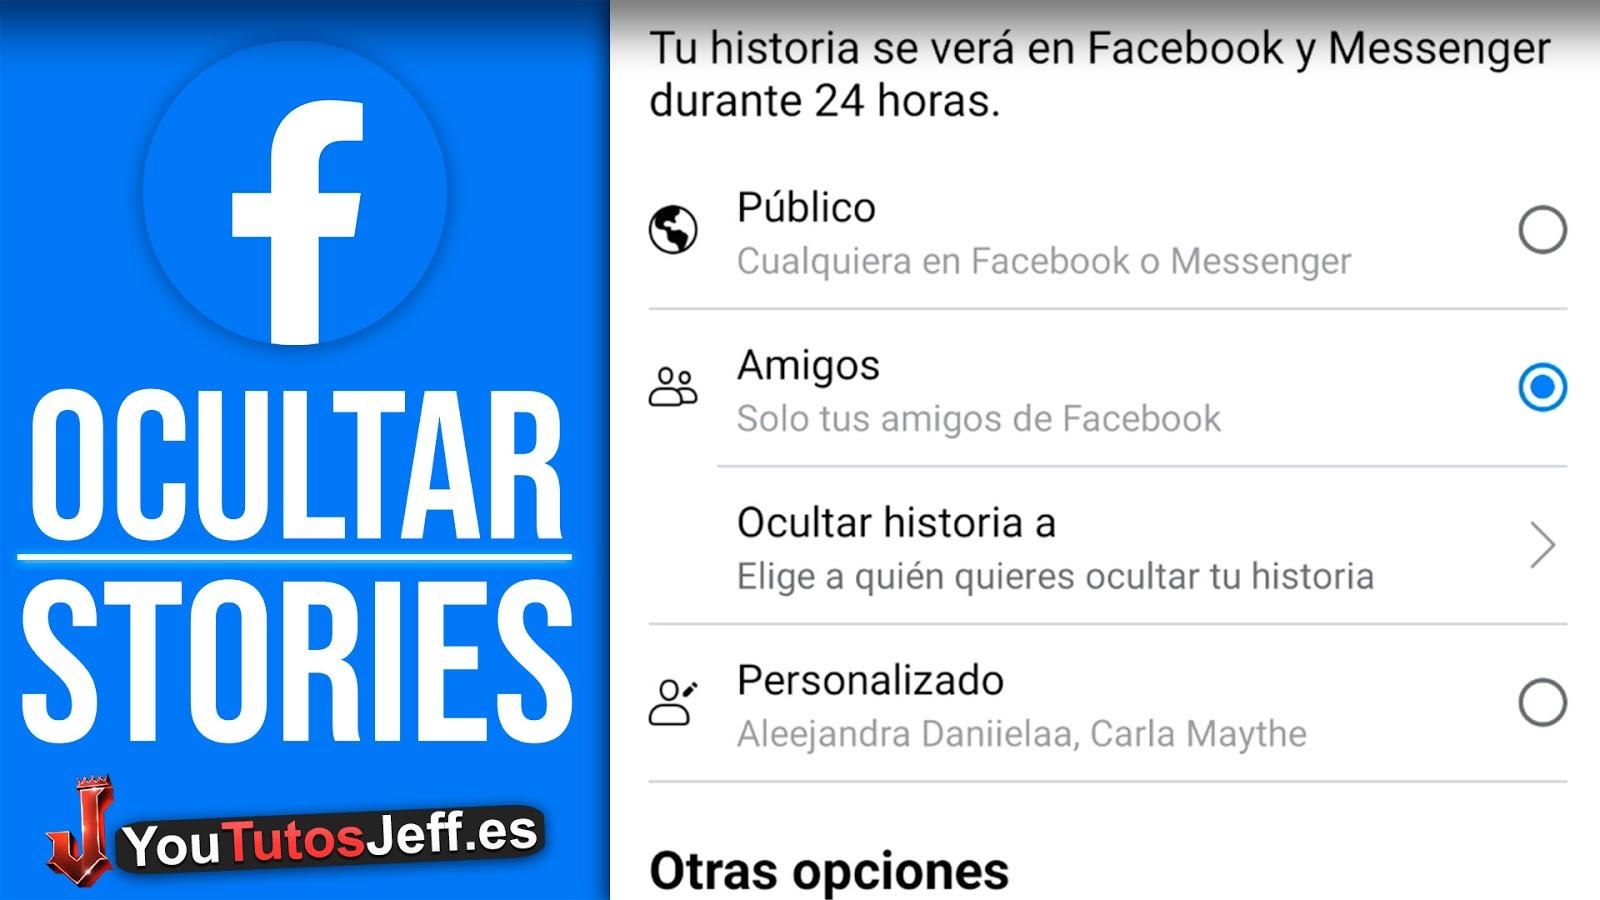 Ocultar Historias de Facebook a Ciertas Personas